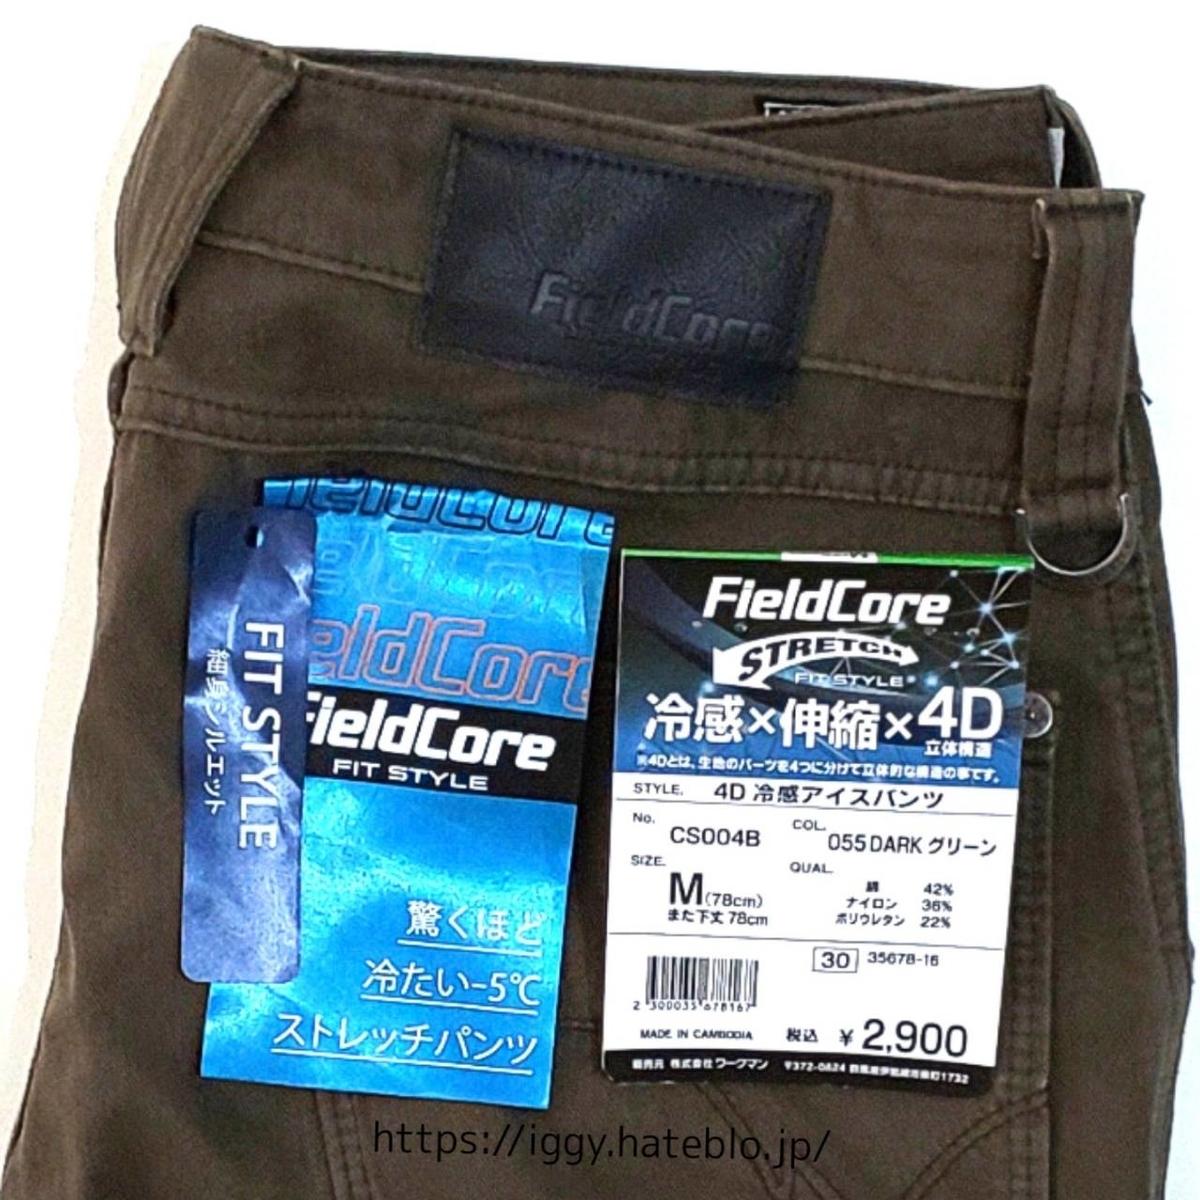 ワークマンプラス Field Core「4D 冷感アイスパンツ」 LIFE